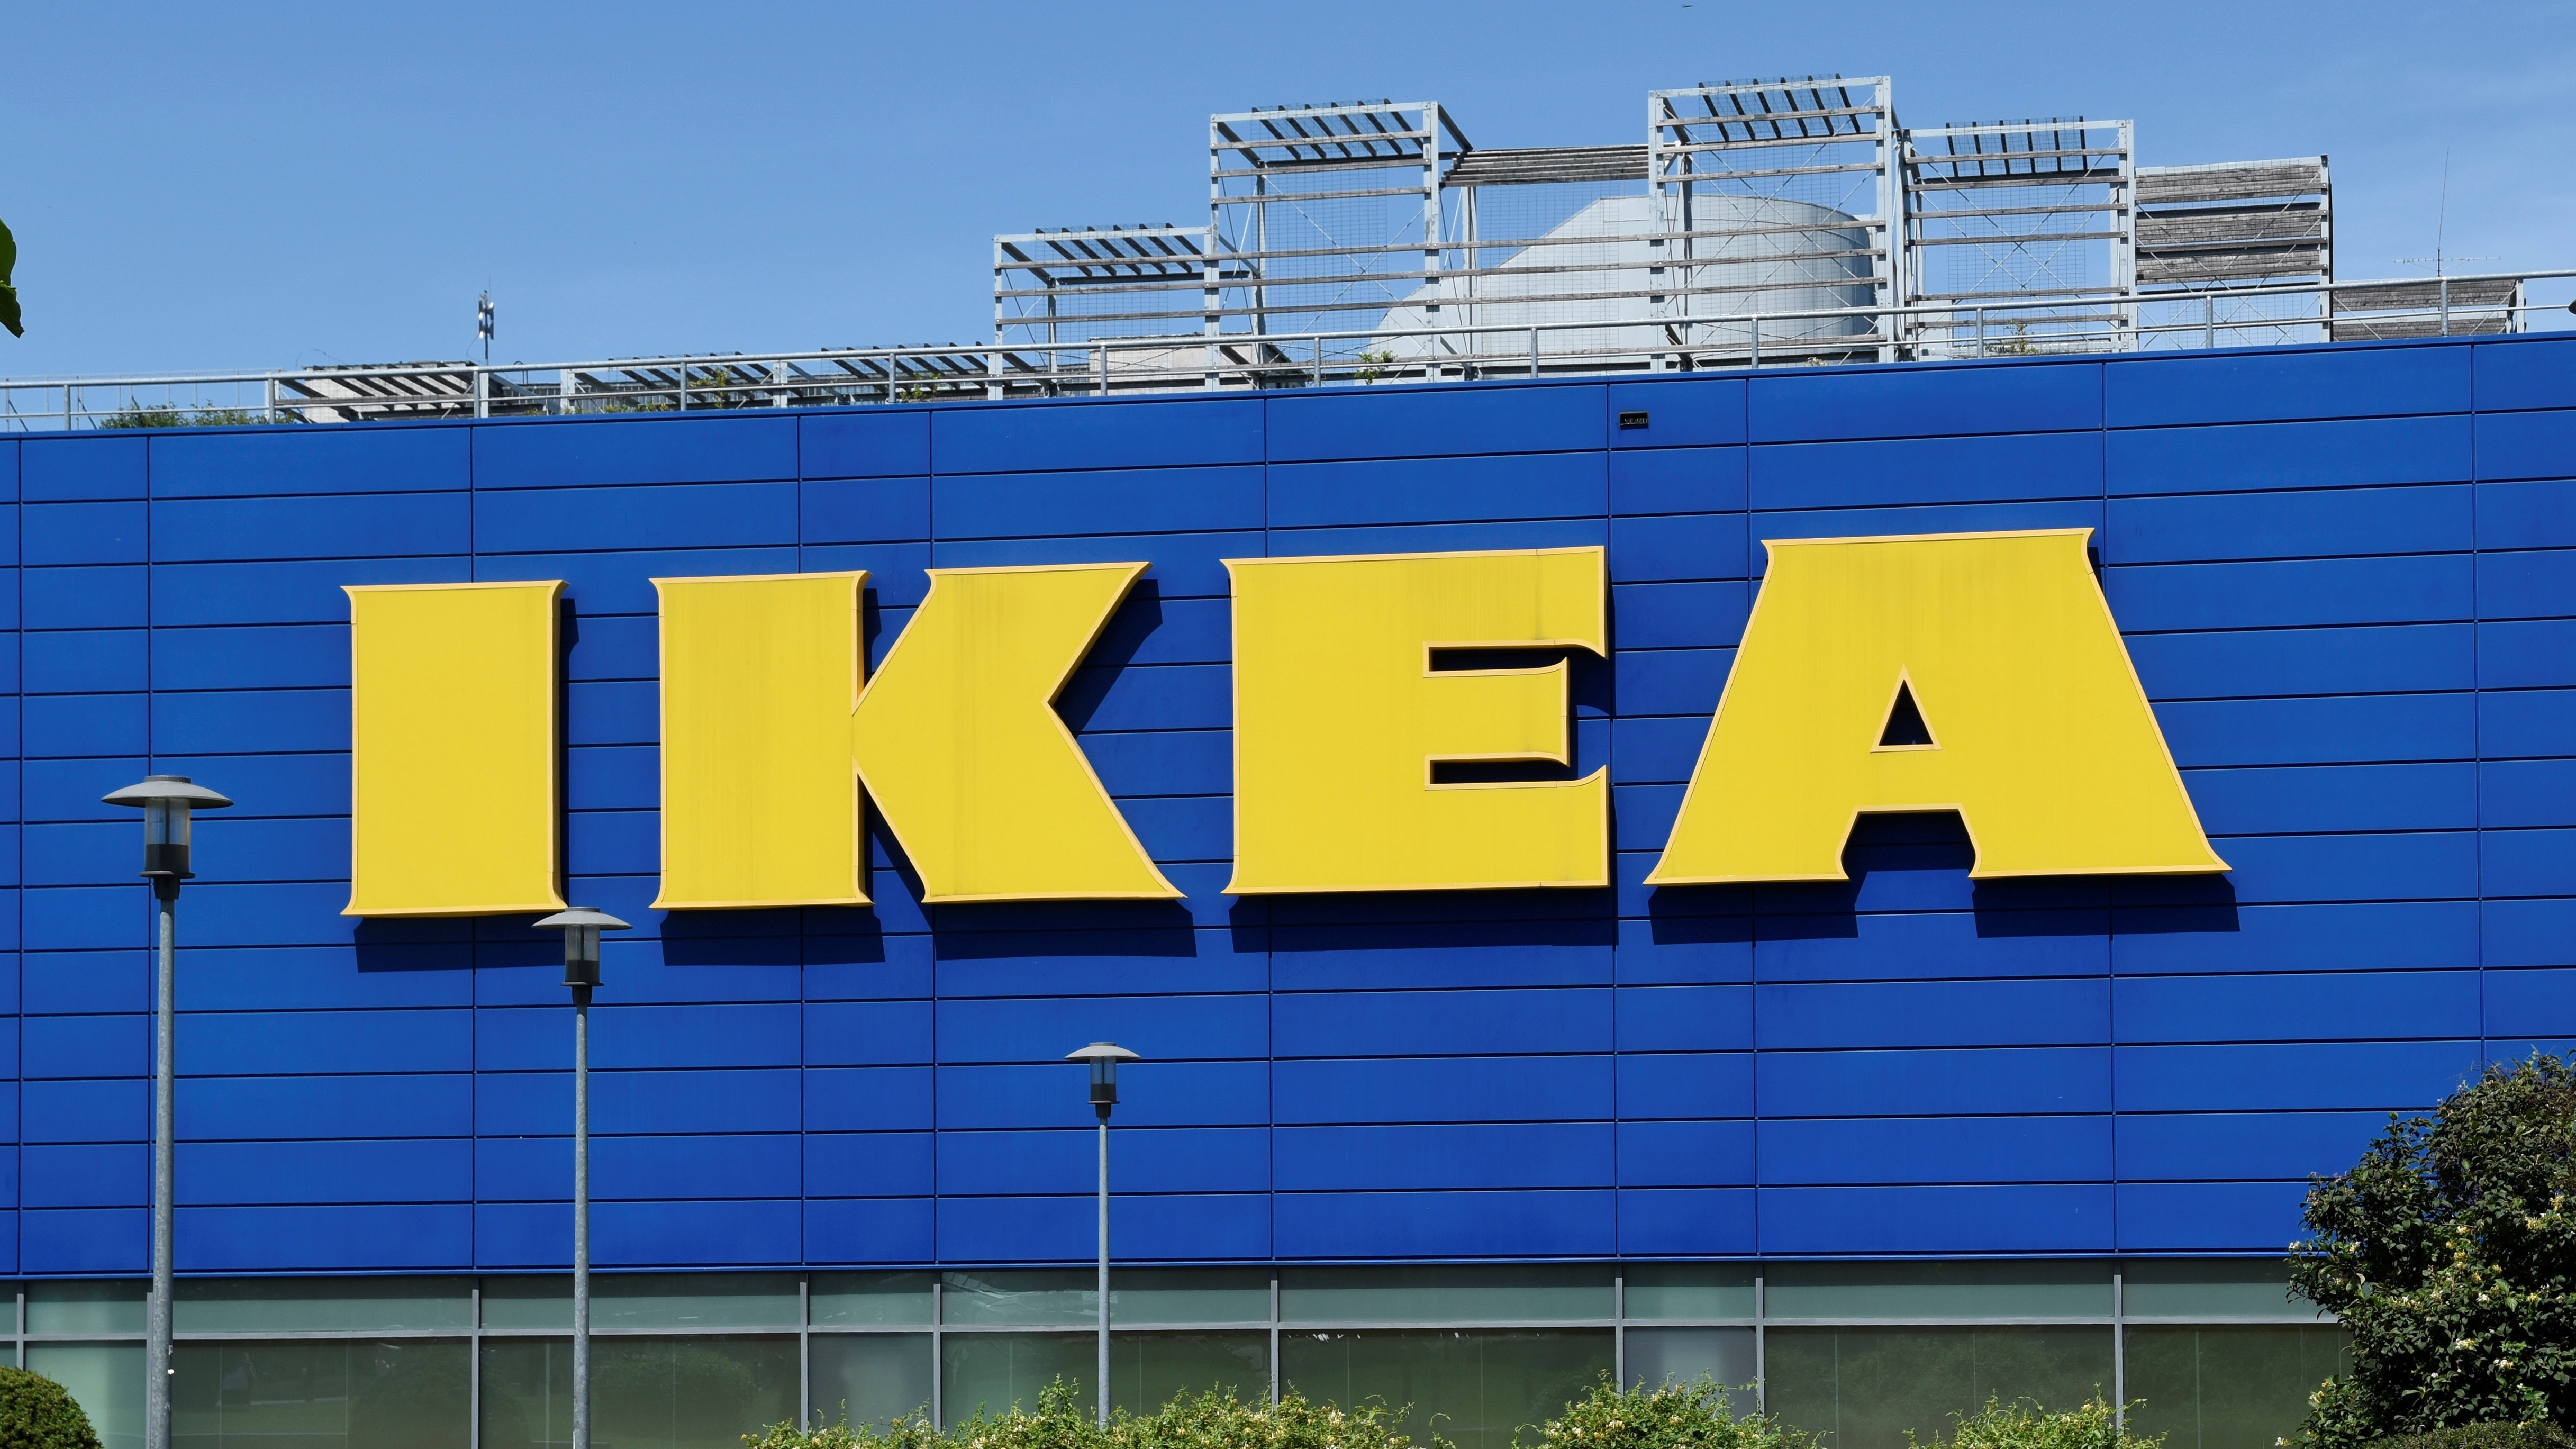 Az IKEA áruház épülete a XIV. kerületi Örs Vezér téren.